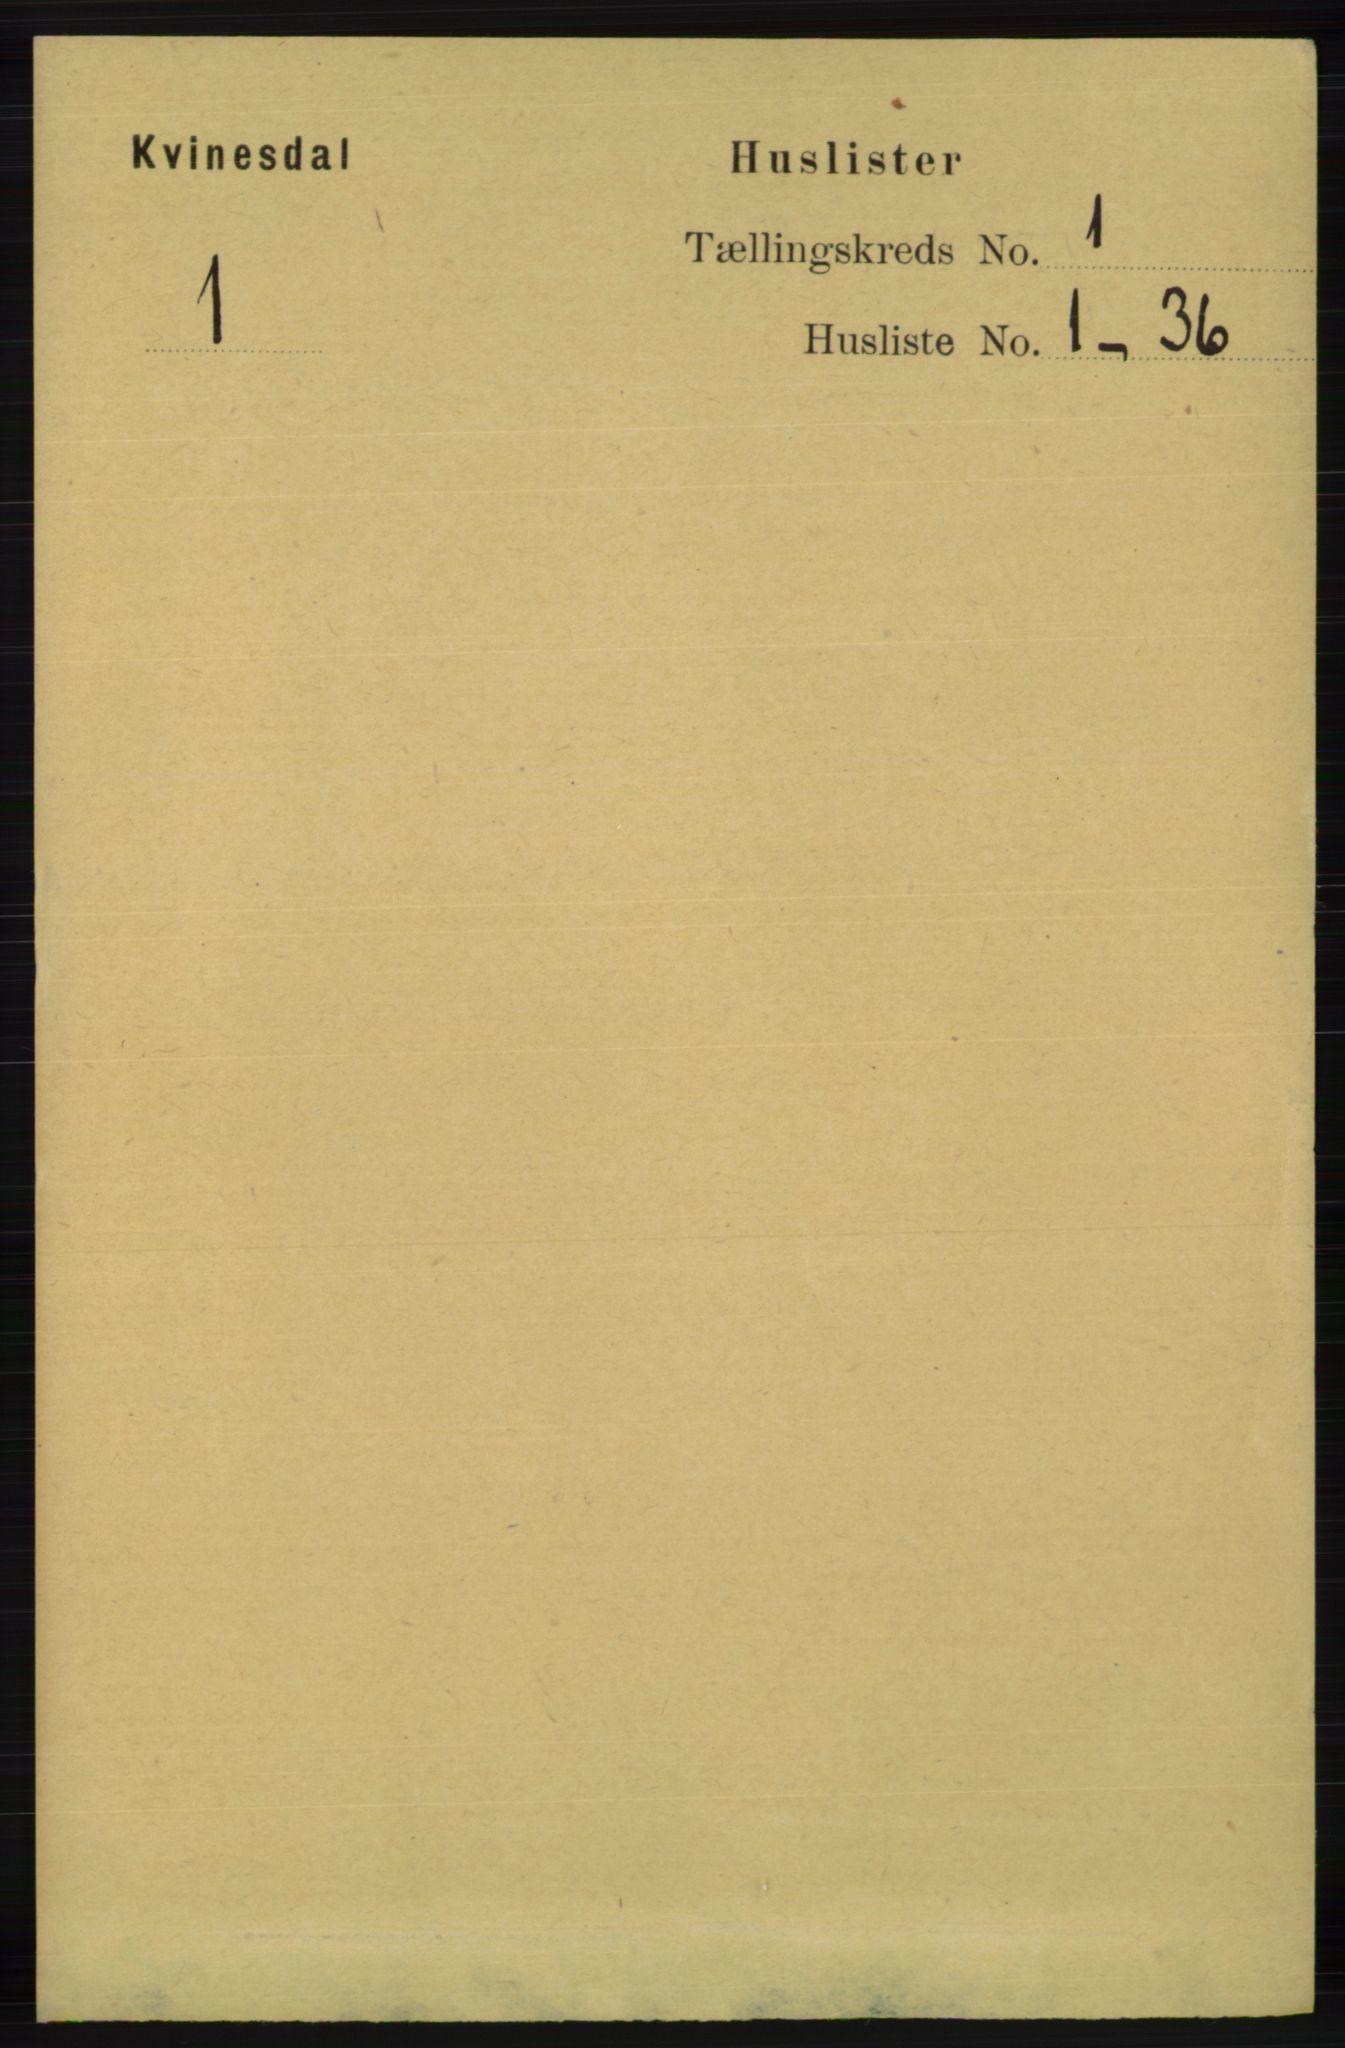 RA, Folketelling 1891 for 1037 Kvinesdal herred, 1891, s. 35